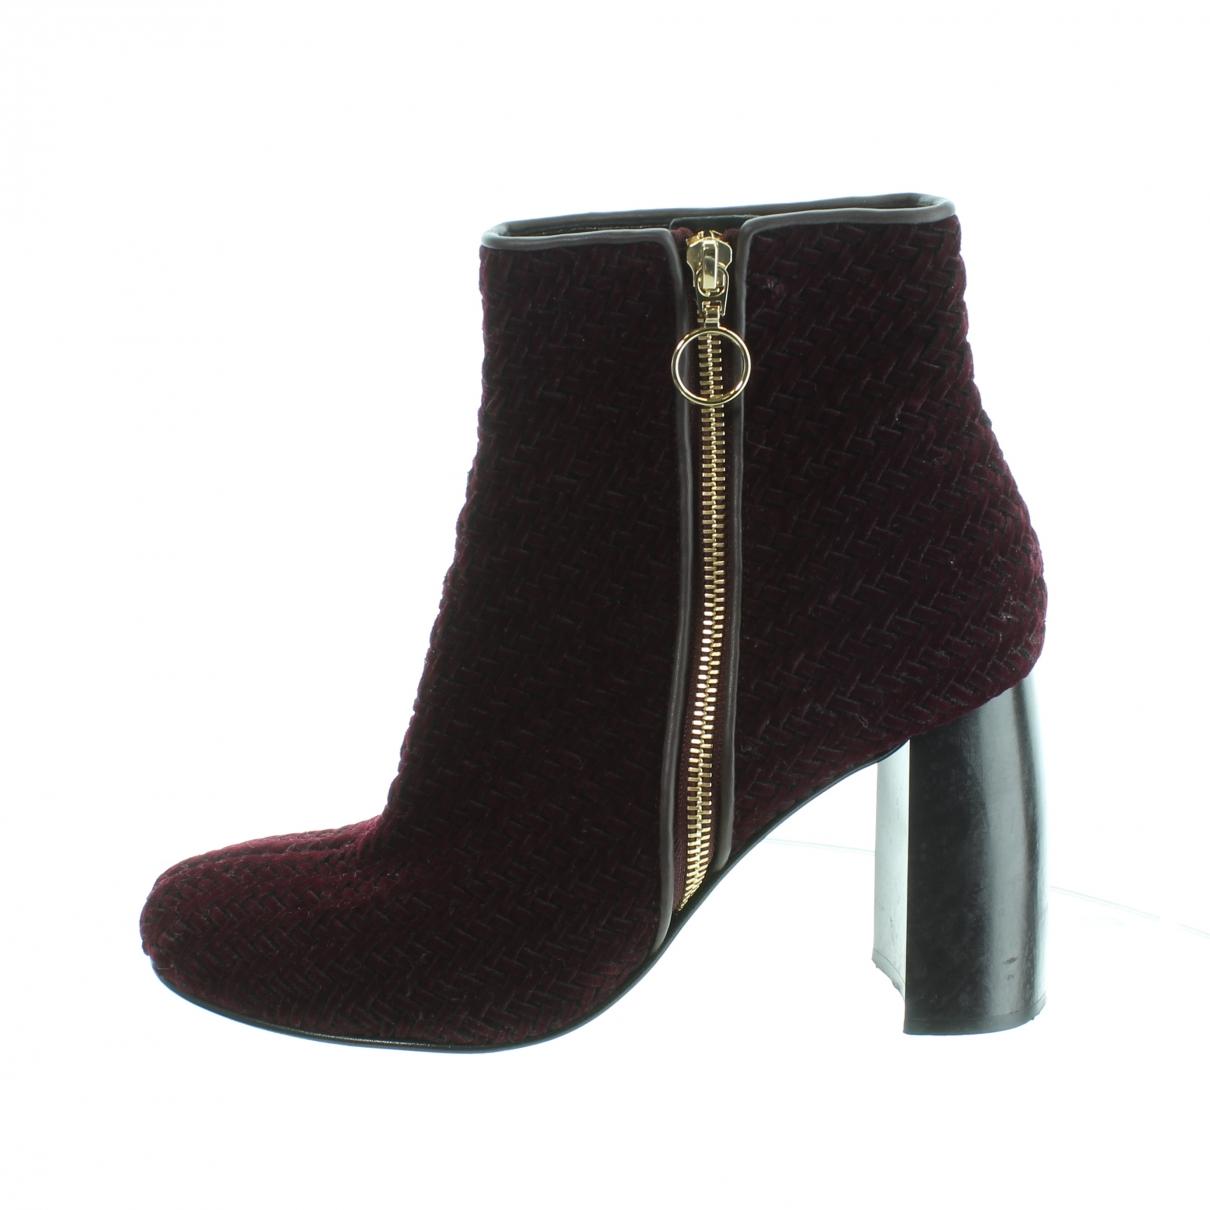 Stella Mccartney - Boots   pour femme en velours - bordeaux